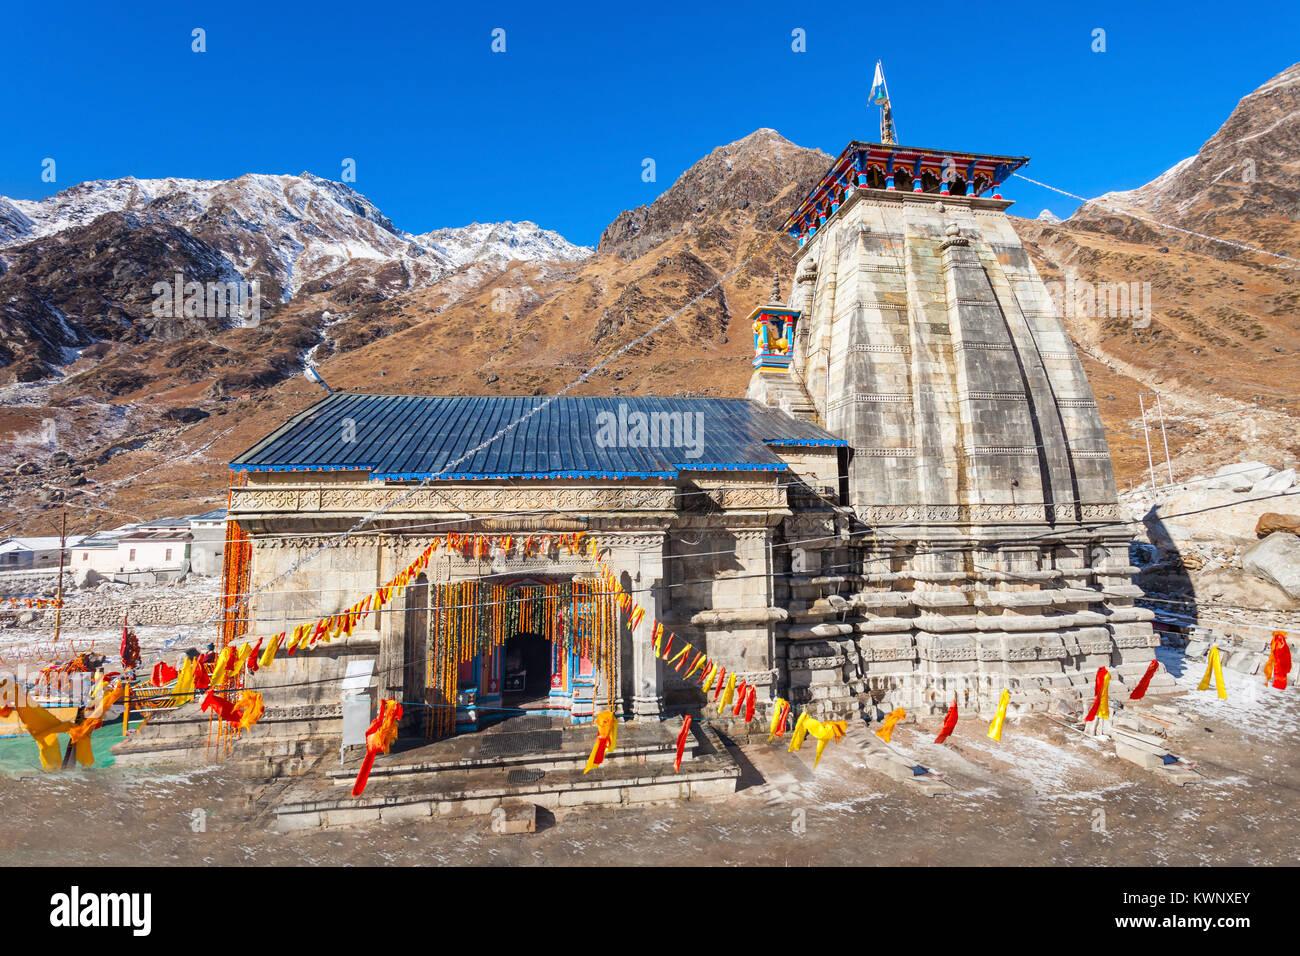 Kedarnath templo es un templo hindú dedicado al Señor Shiva. Está situado en el Himalaya de Garhwal Uttarakhand, estado de la India. Foto de stock